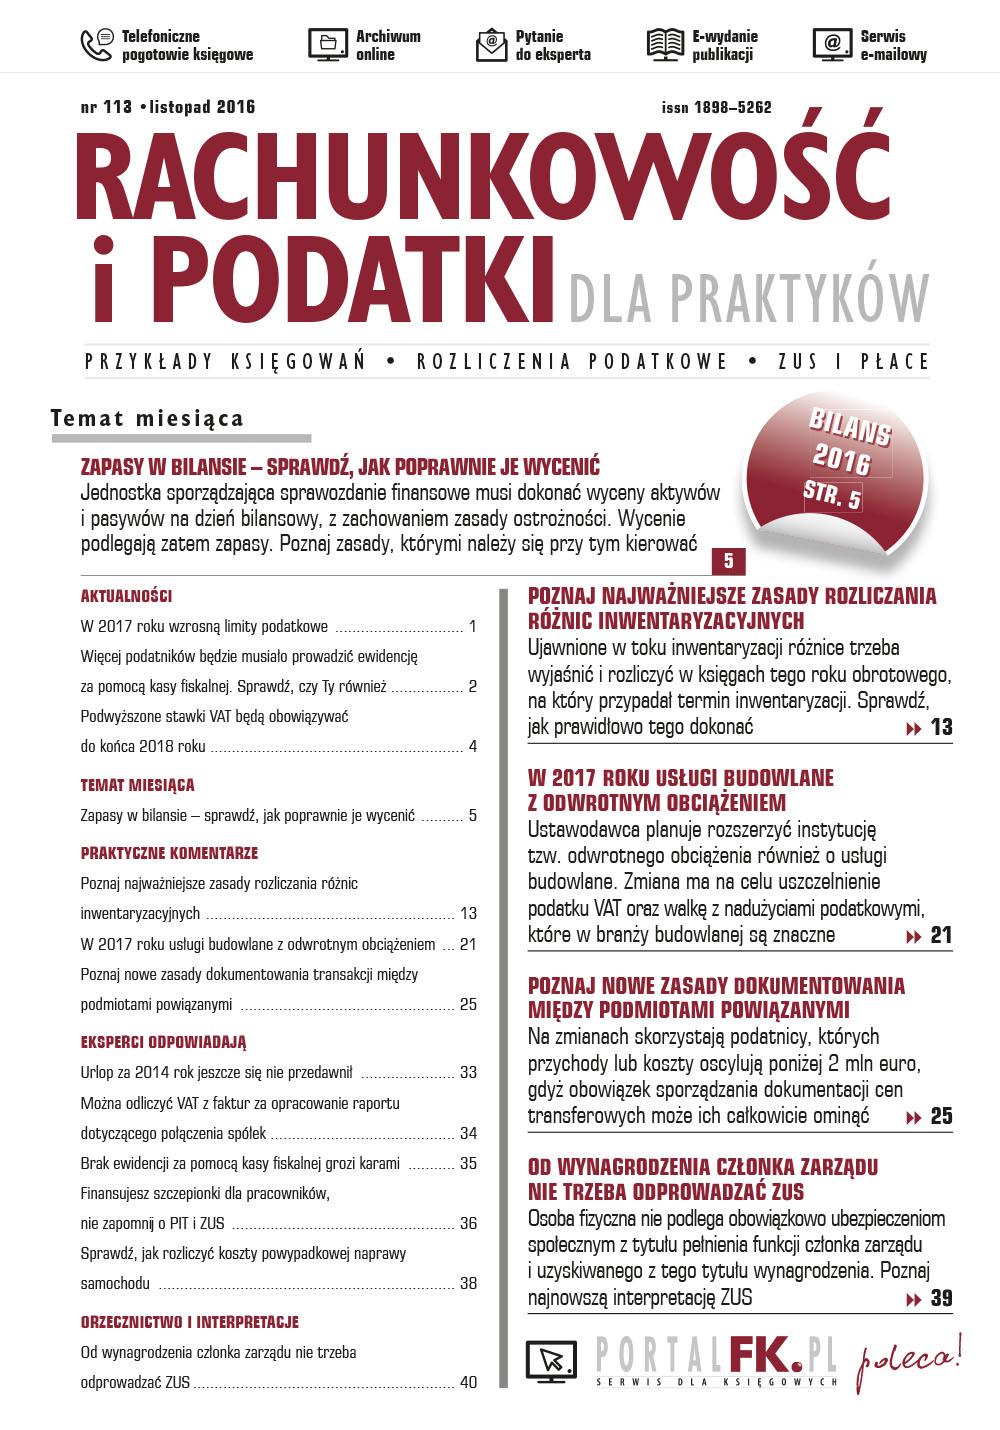 Rachunkowość i podatki dla praktyków - e-wydanie